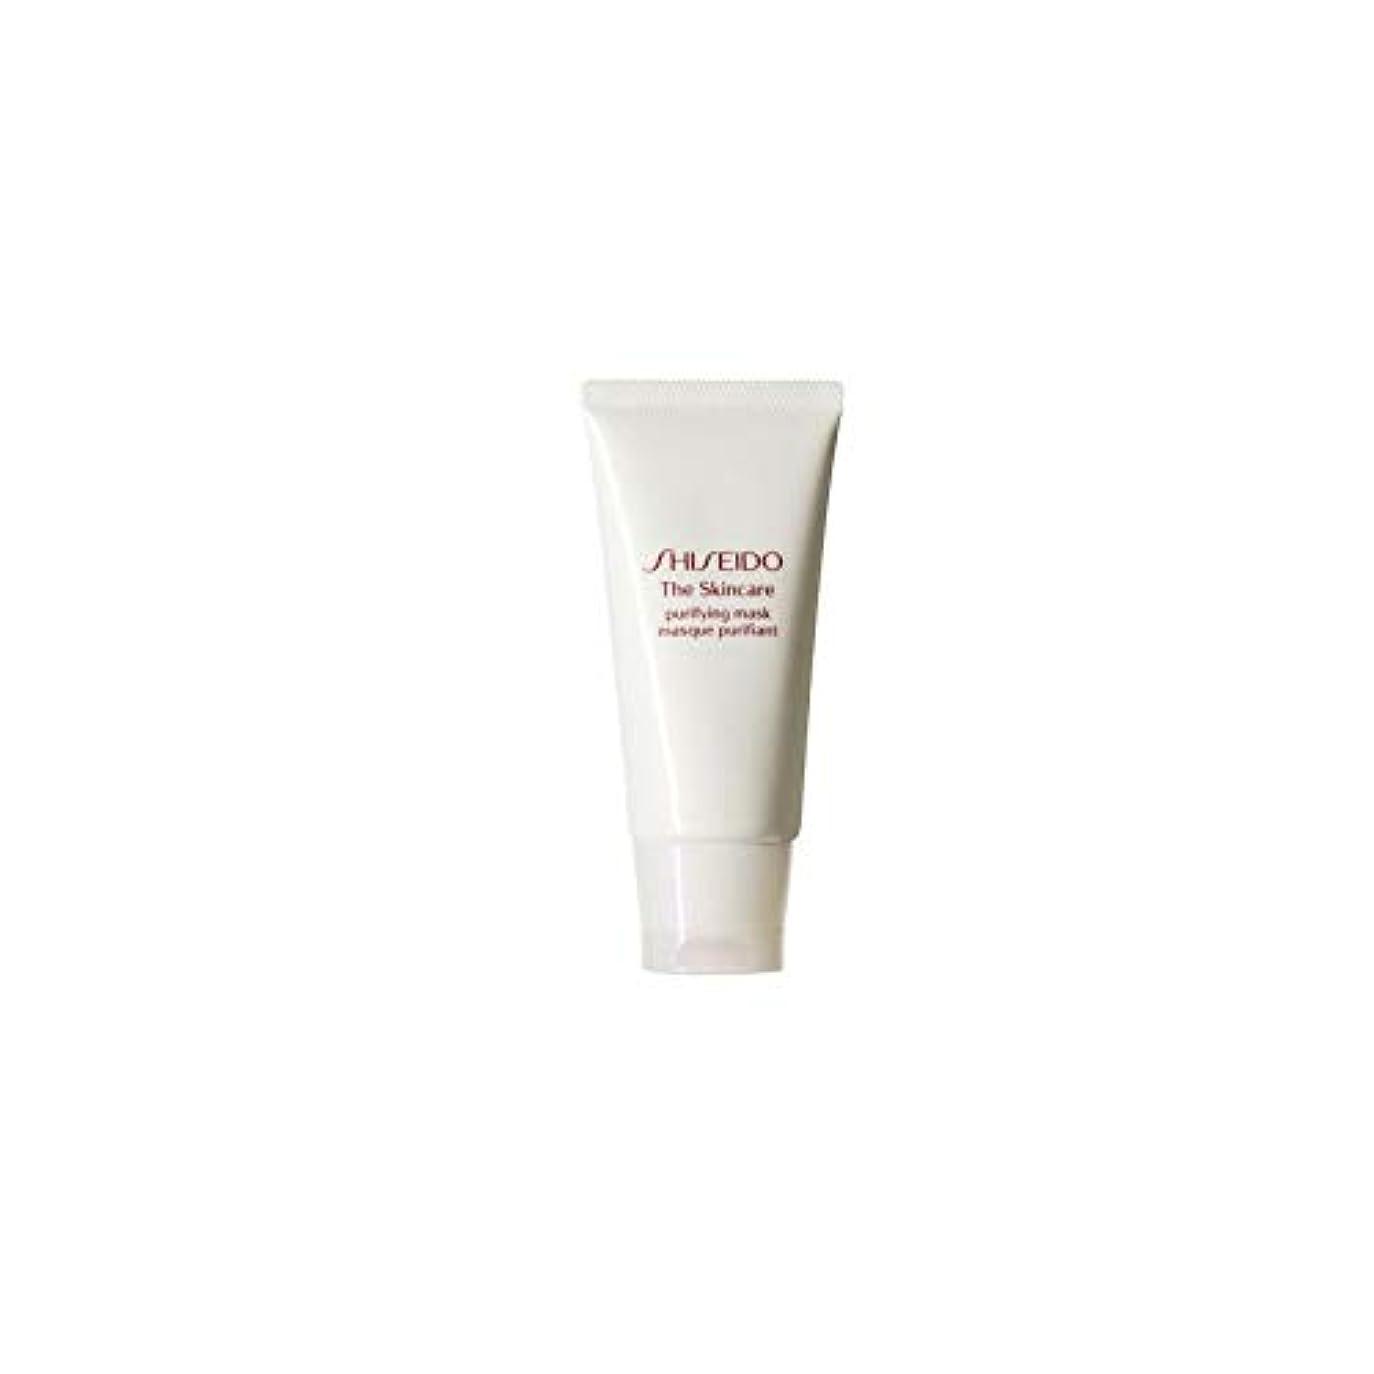 ごめんなさい創造王女[Shiseido] 資生堂スキンケアの必需品浄化マスク(75ミリリットル) - Shiseido The Skincare Essentials Purifying Mask (75ml) [並行輸入品]